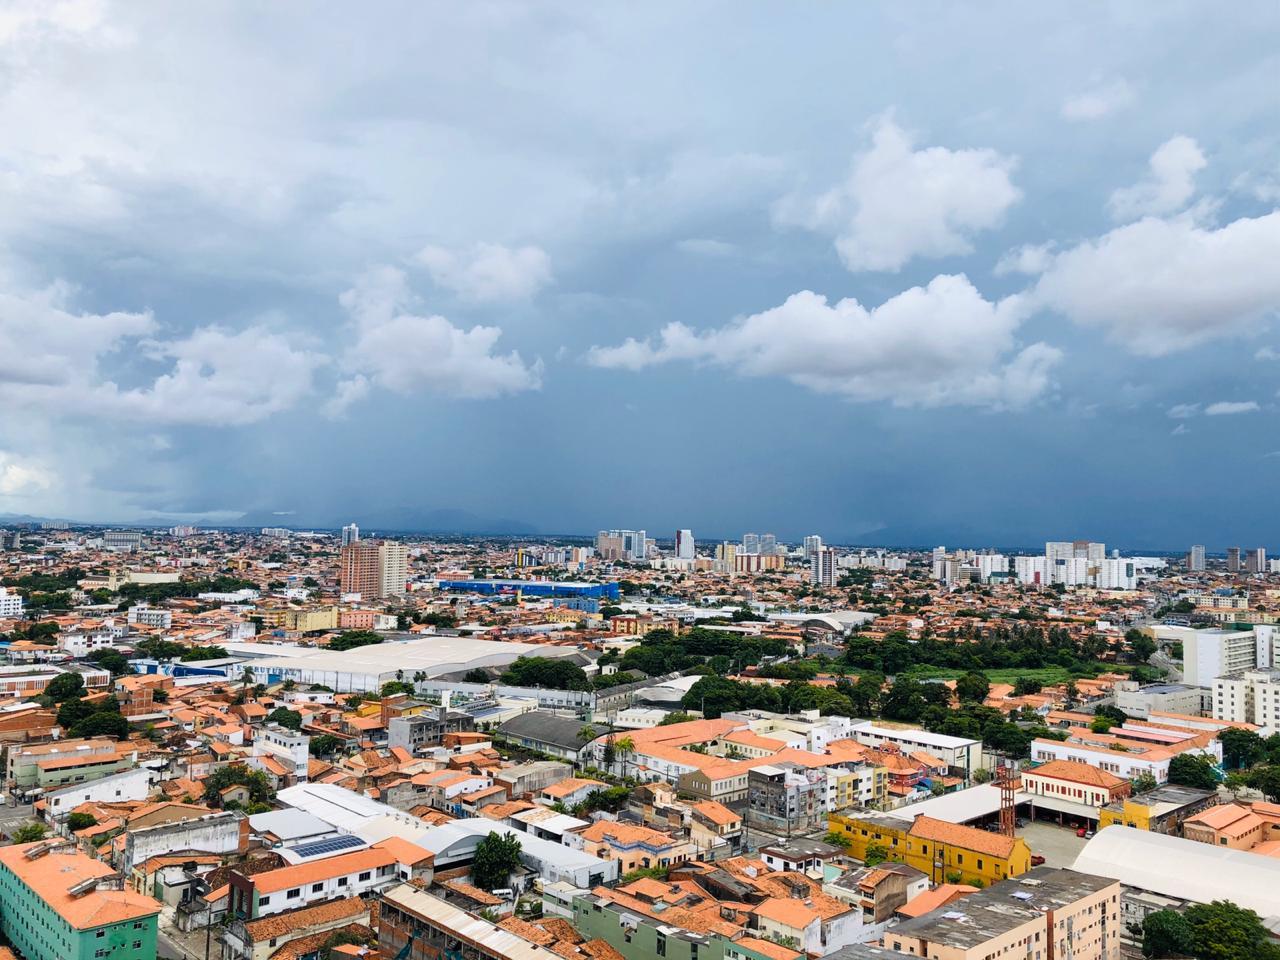 Em Fortaleza e RMF, expectativa é de chuva isolada entre madrugada e manhã (FOTO: Keise Silva)